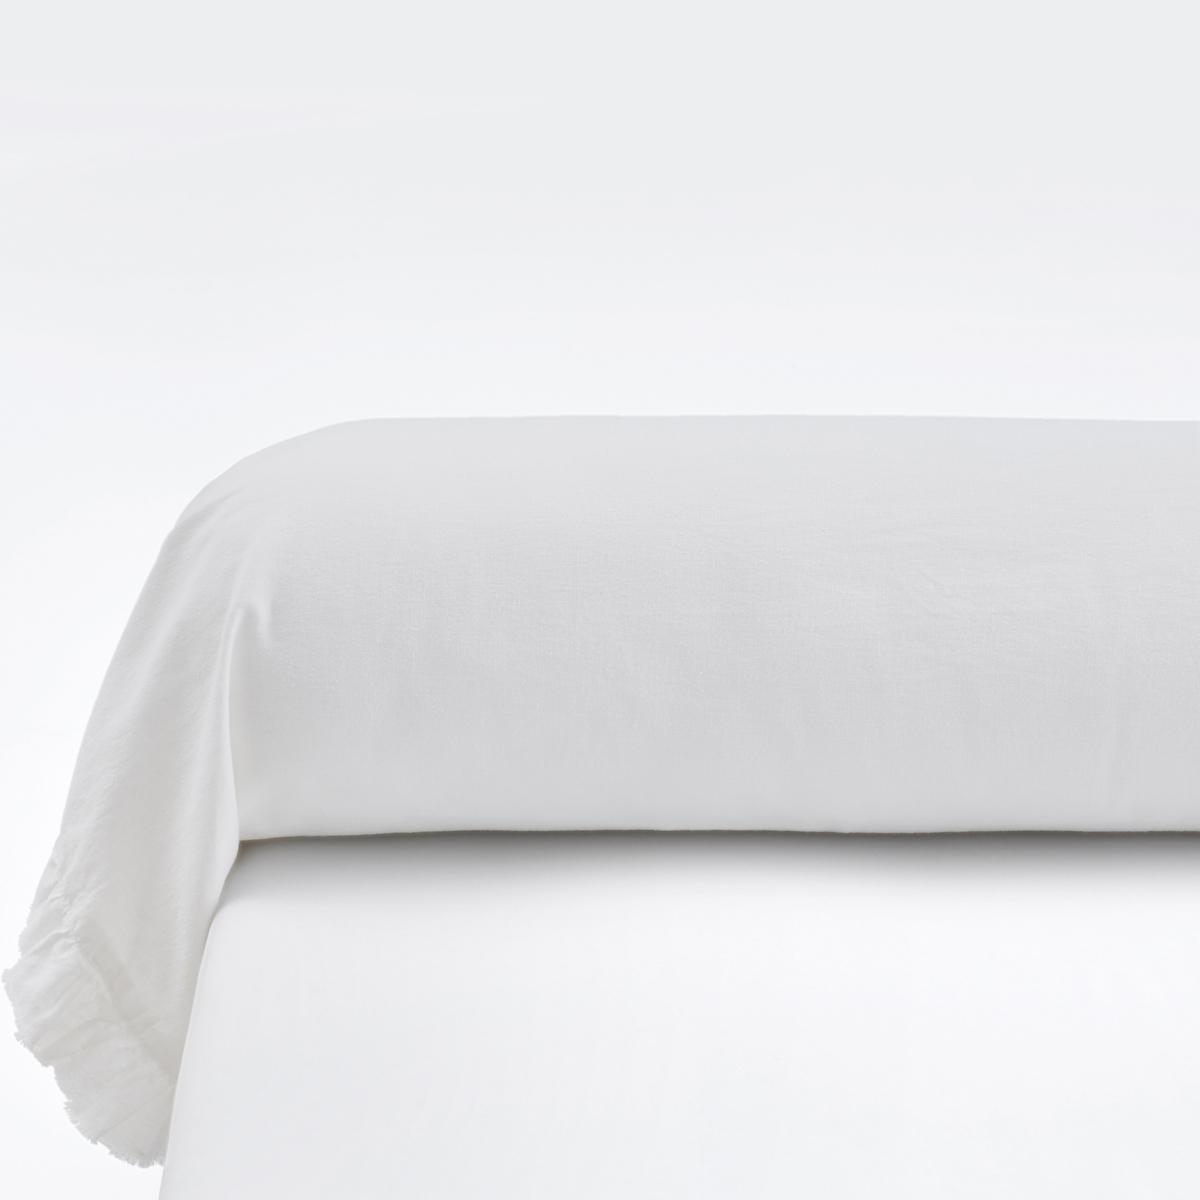 Наволочка La Redoute Однотонная на подушку-валик из льна и хлопка NILLOW 85 x 185 см белый чехол la redoute на подушку валик с ручной вышивкой domitien 40 x 40 см розовый